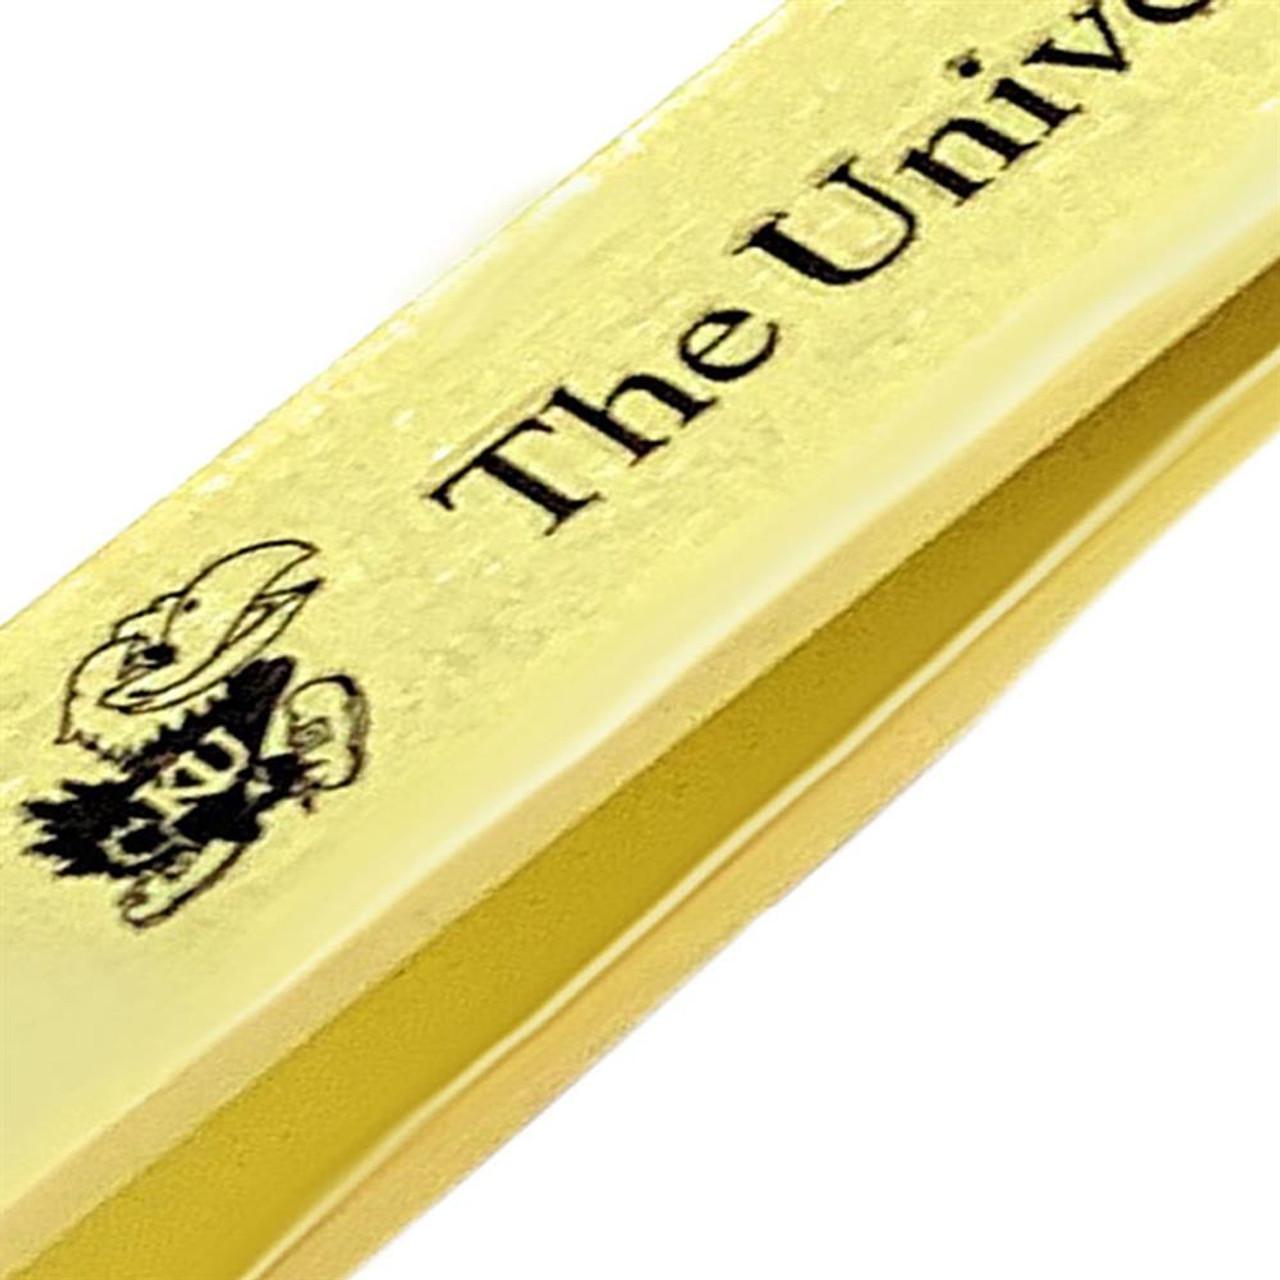 Naval Academy Navy Tie Clip Gold Tie Bar Gift Set